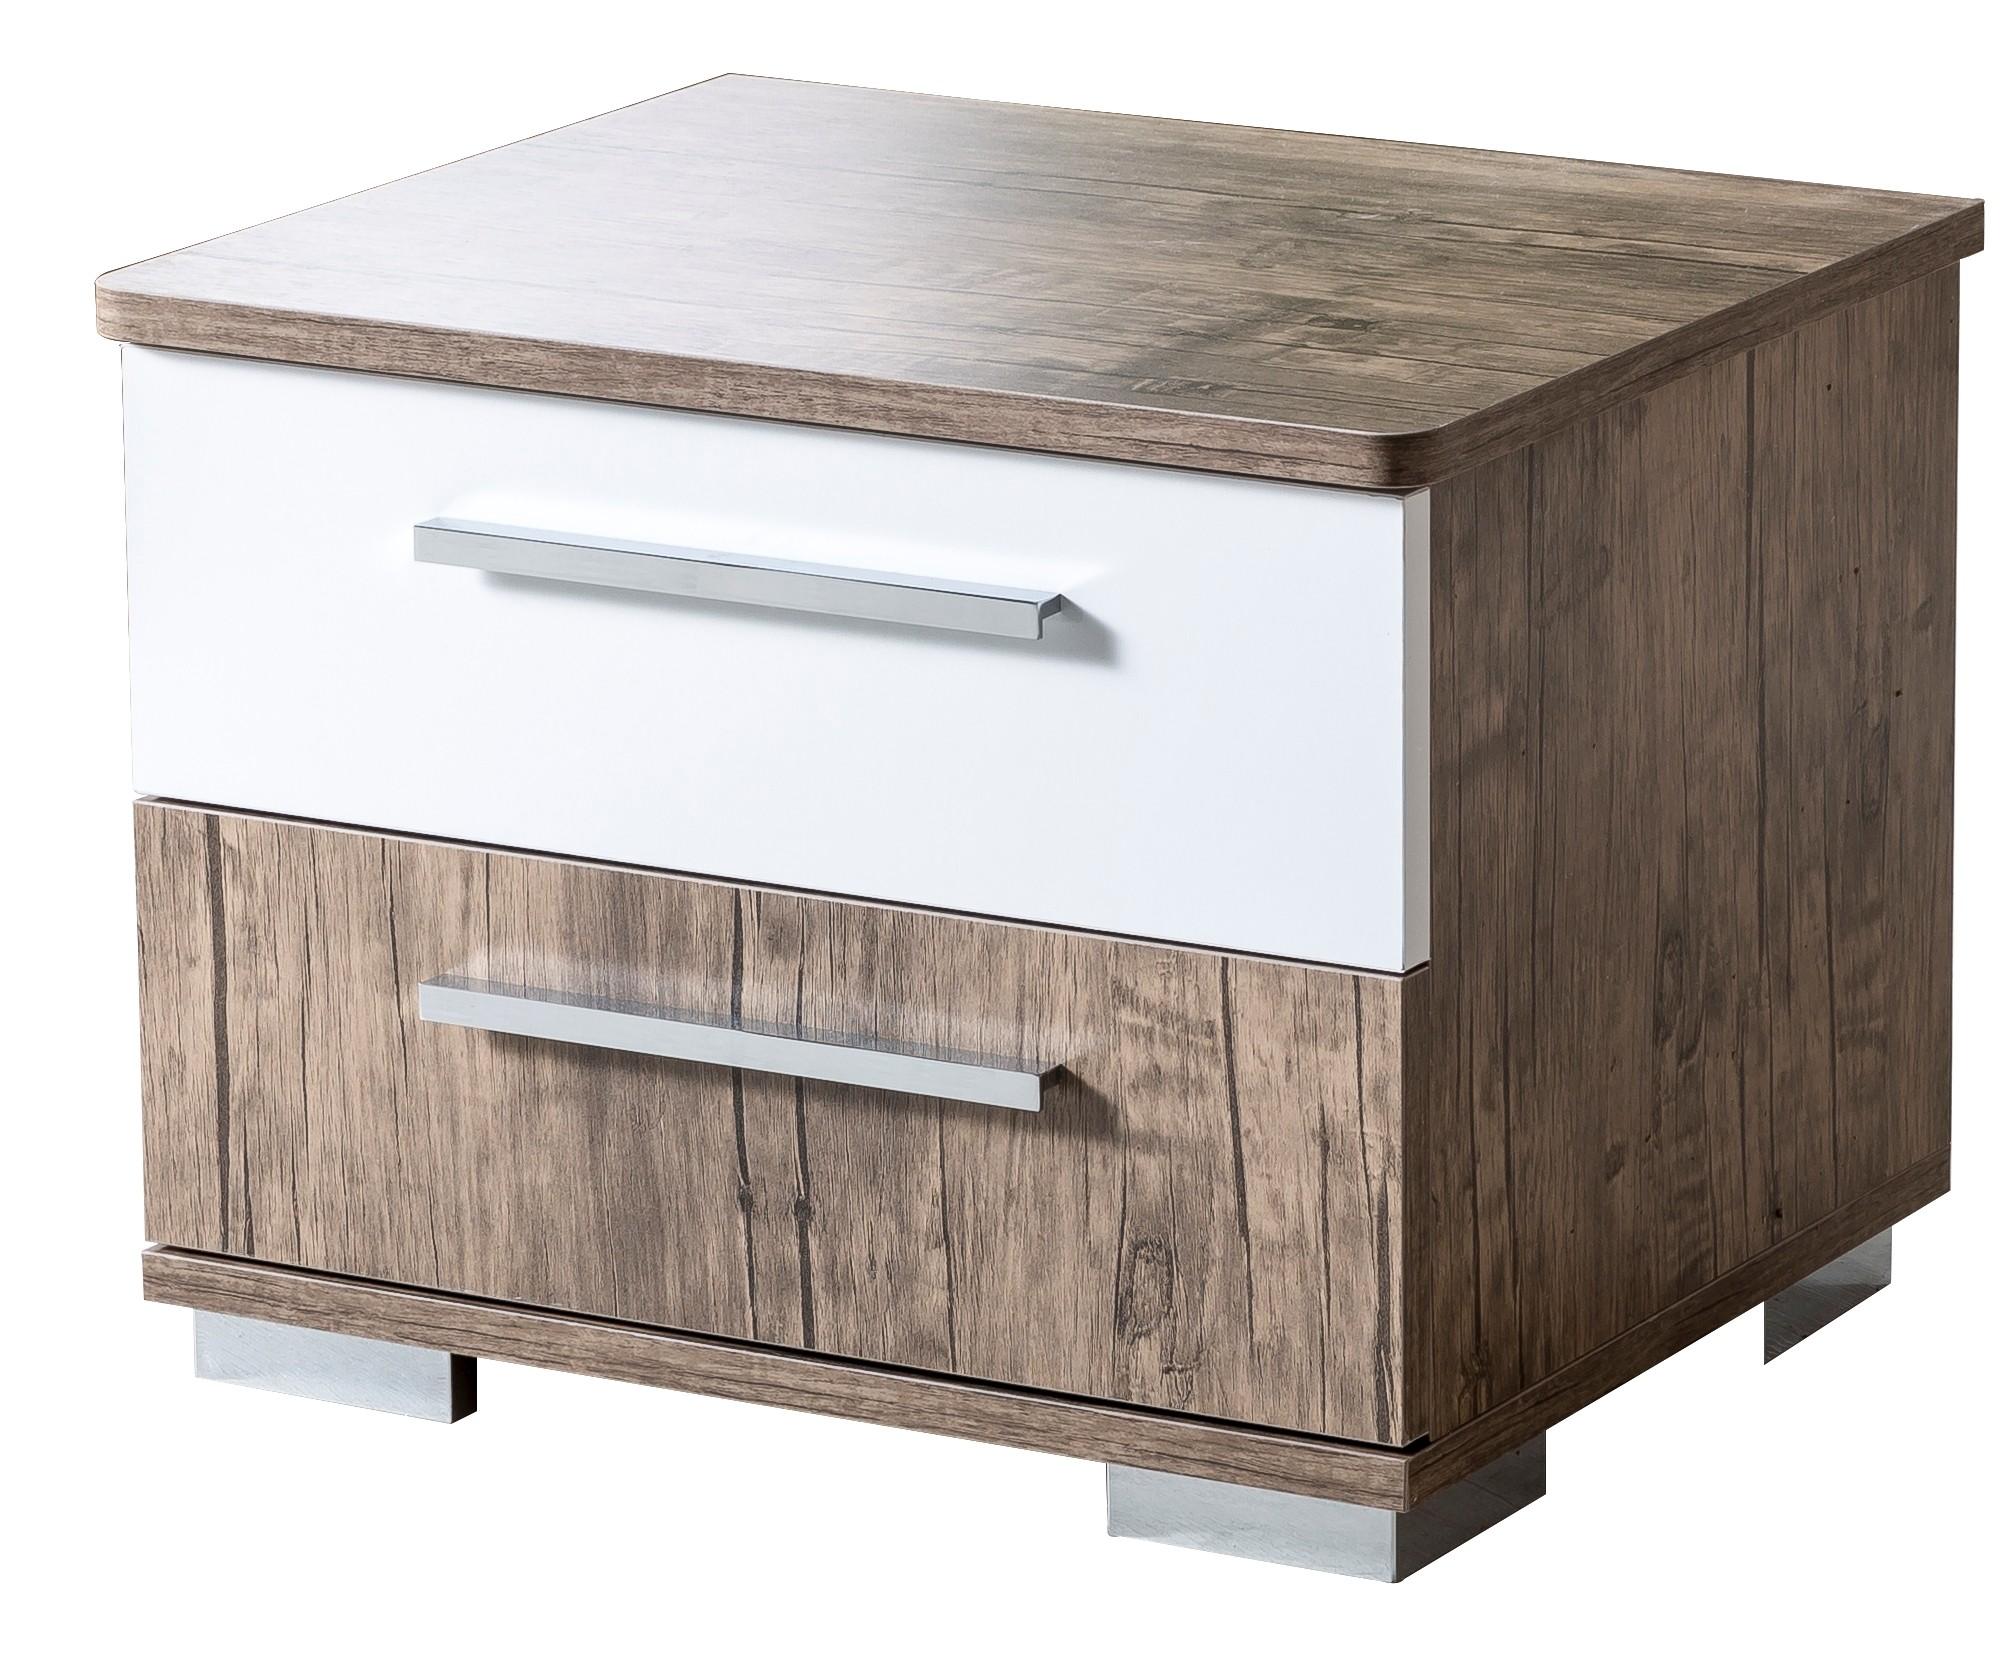 table de chevet gar on blanc et marron c dric. Black Bedroom Furniture Sets. Home Design Ideas